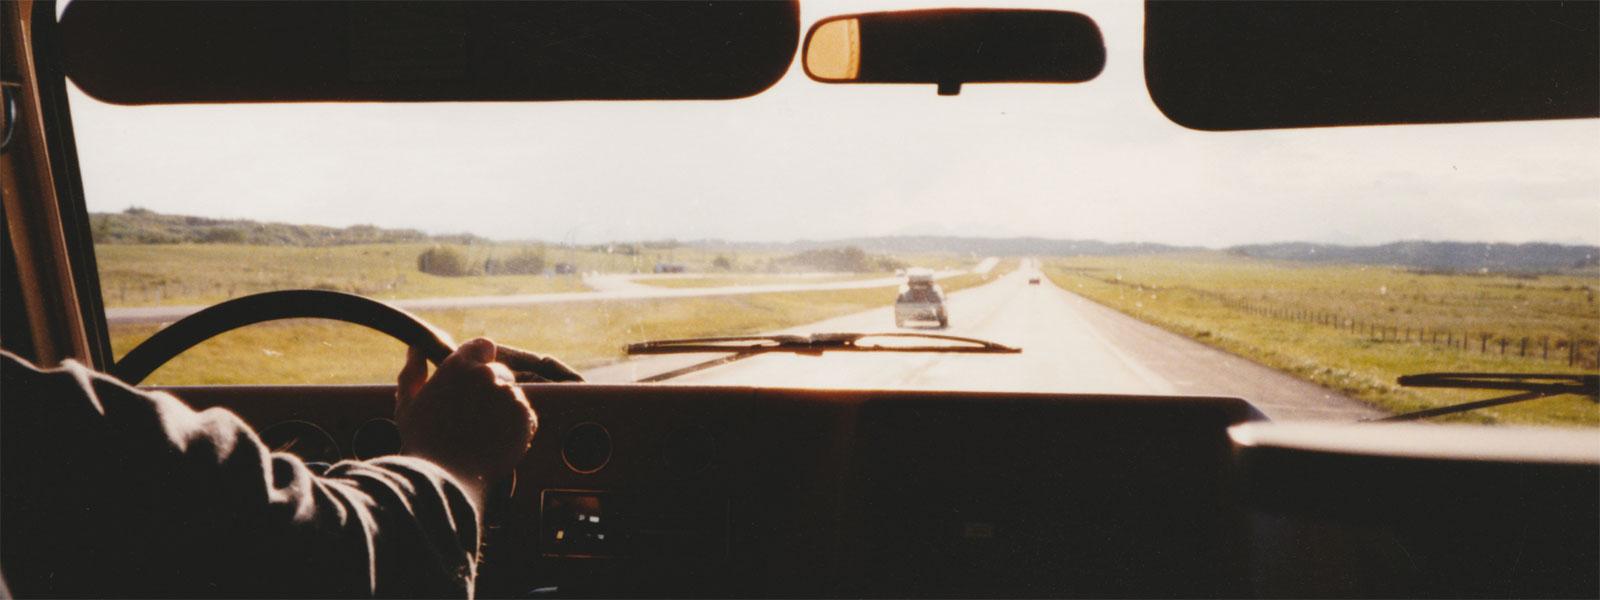 Honig_highway1600